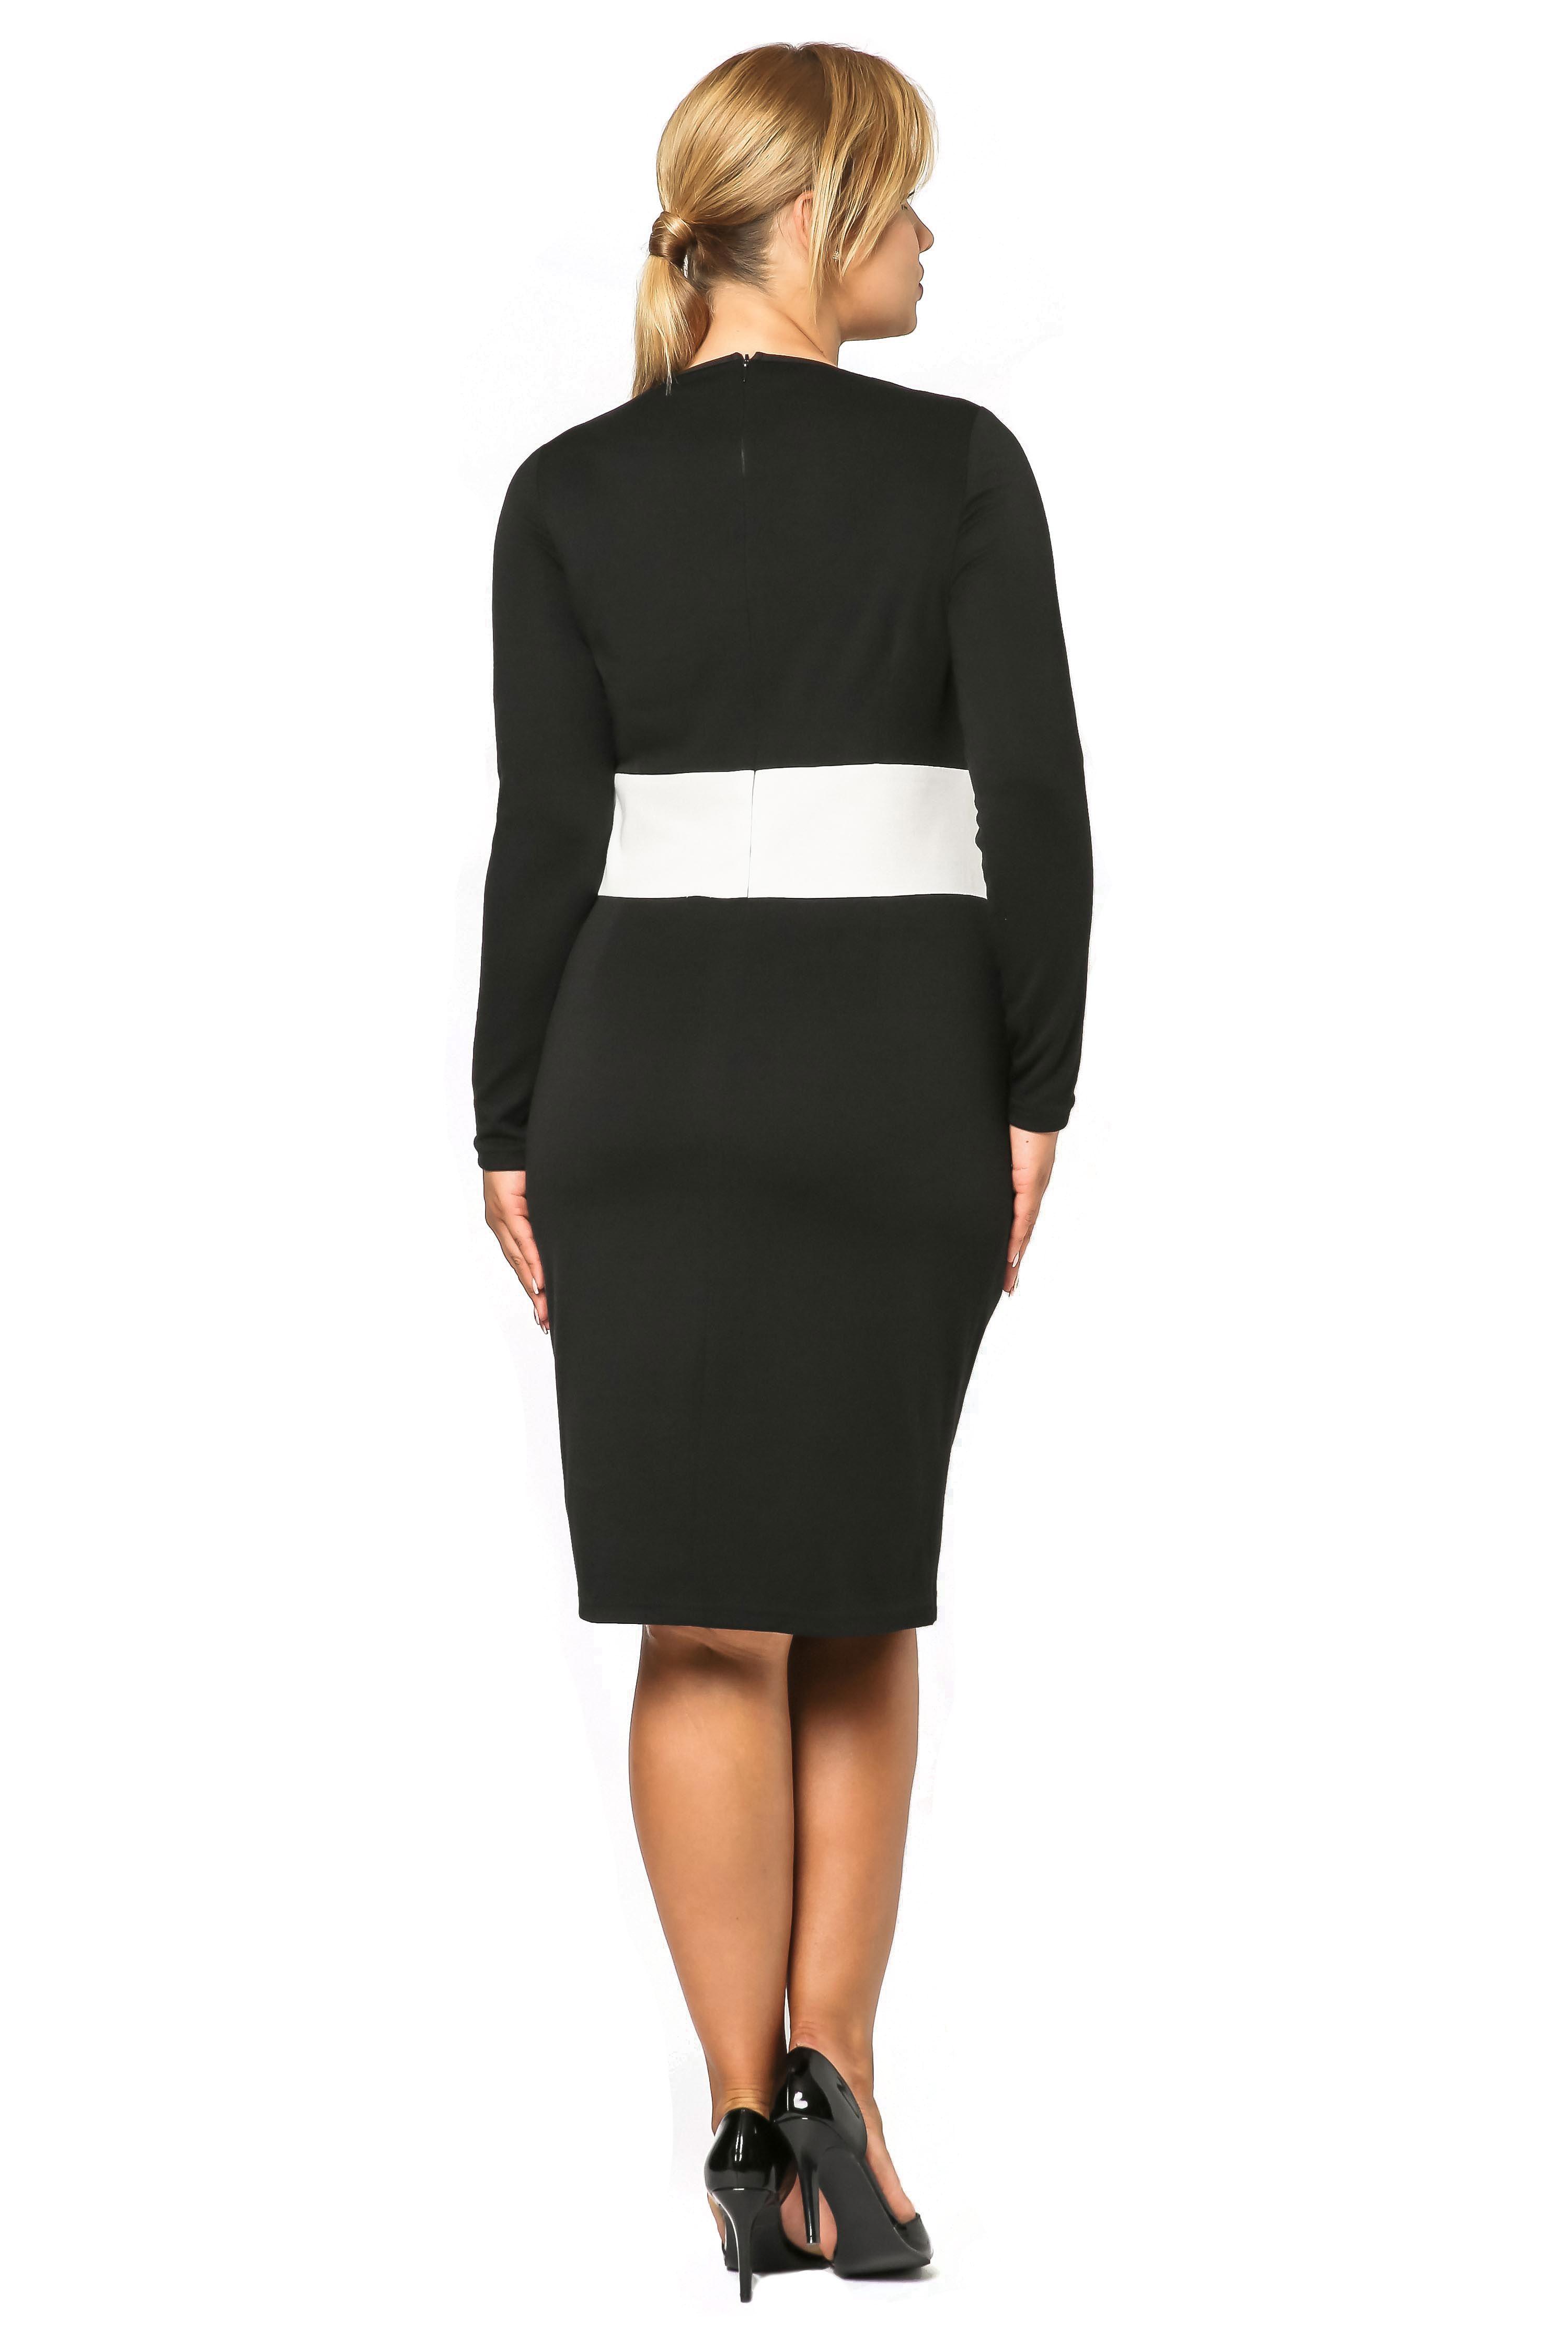 Viktoria dress in black